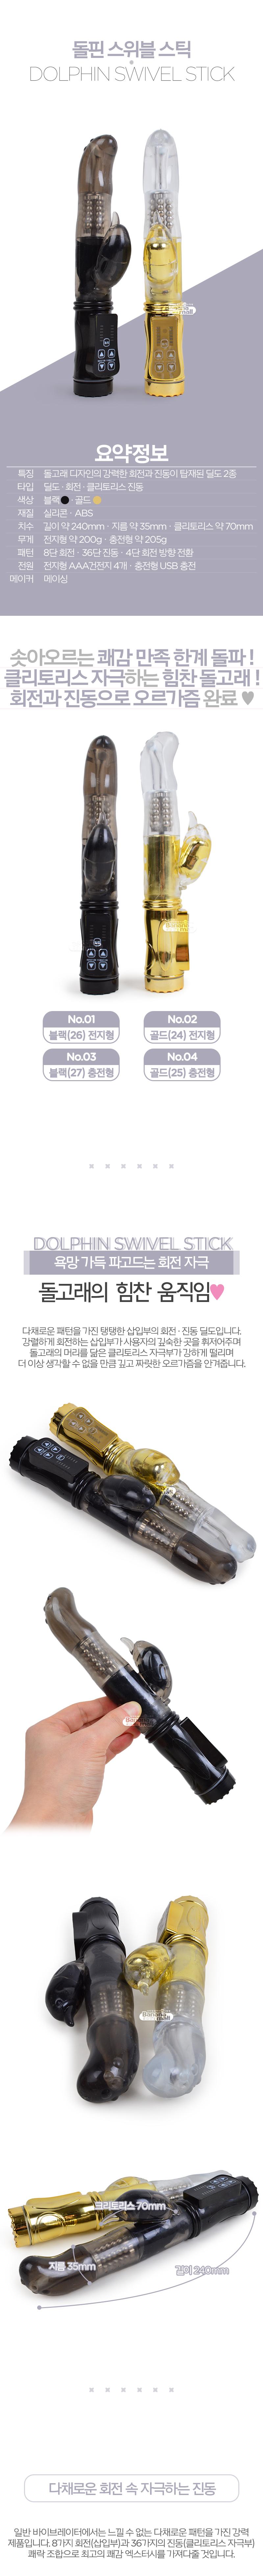 [8단 회전+36단 진동] 돌핀 스위블 스틱(Dolphin Swivel Stick)